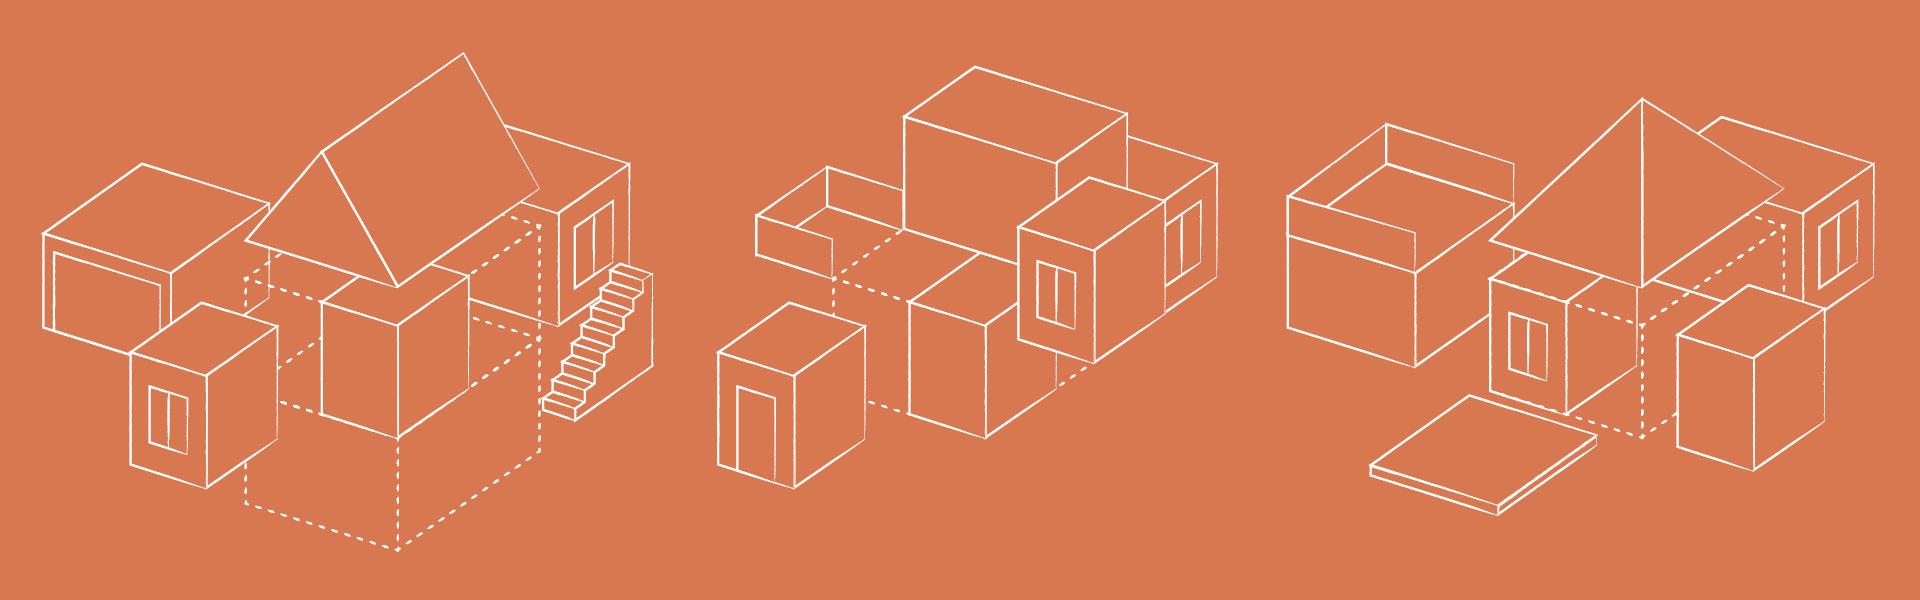 Illustrierte Darstellung mehrerer Auswahlvarianten bei Häusern über Garagen, verschieden Dächer, Ausstattungen, Keller, etc.